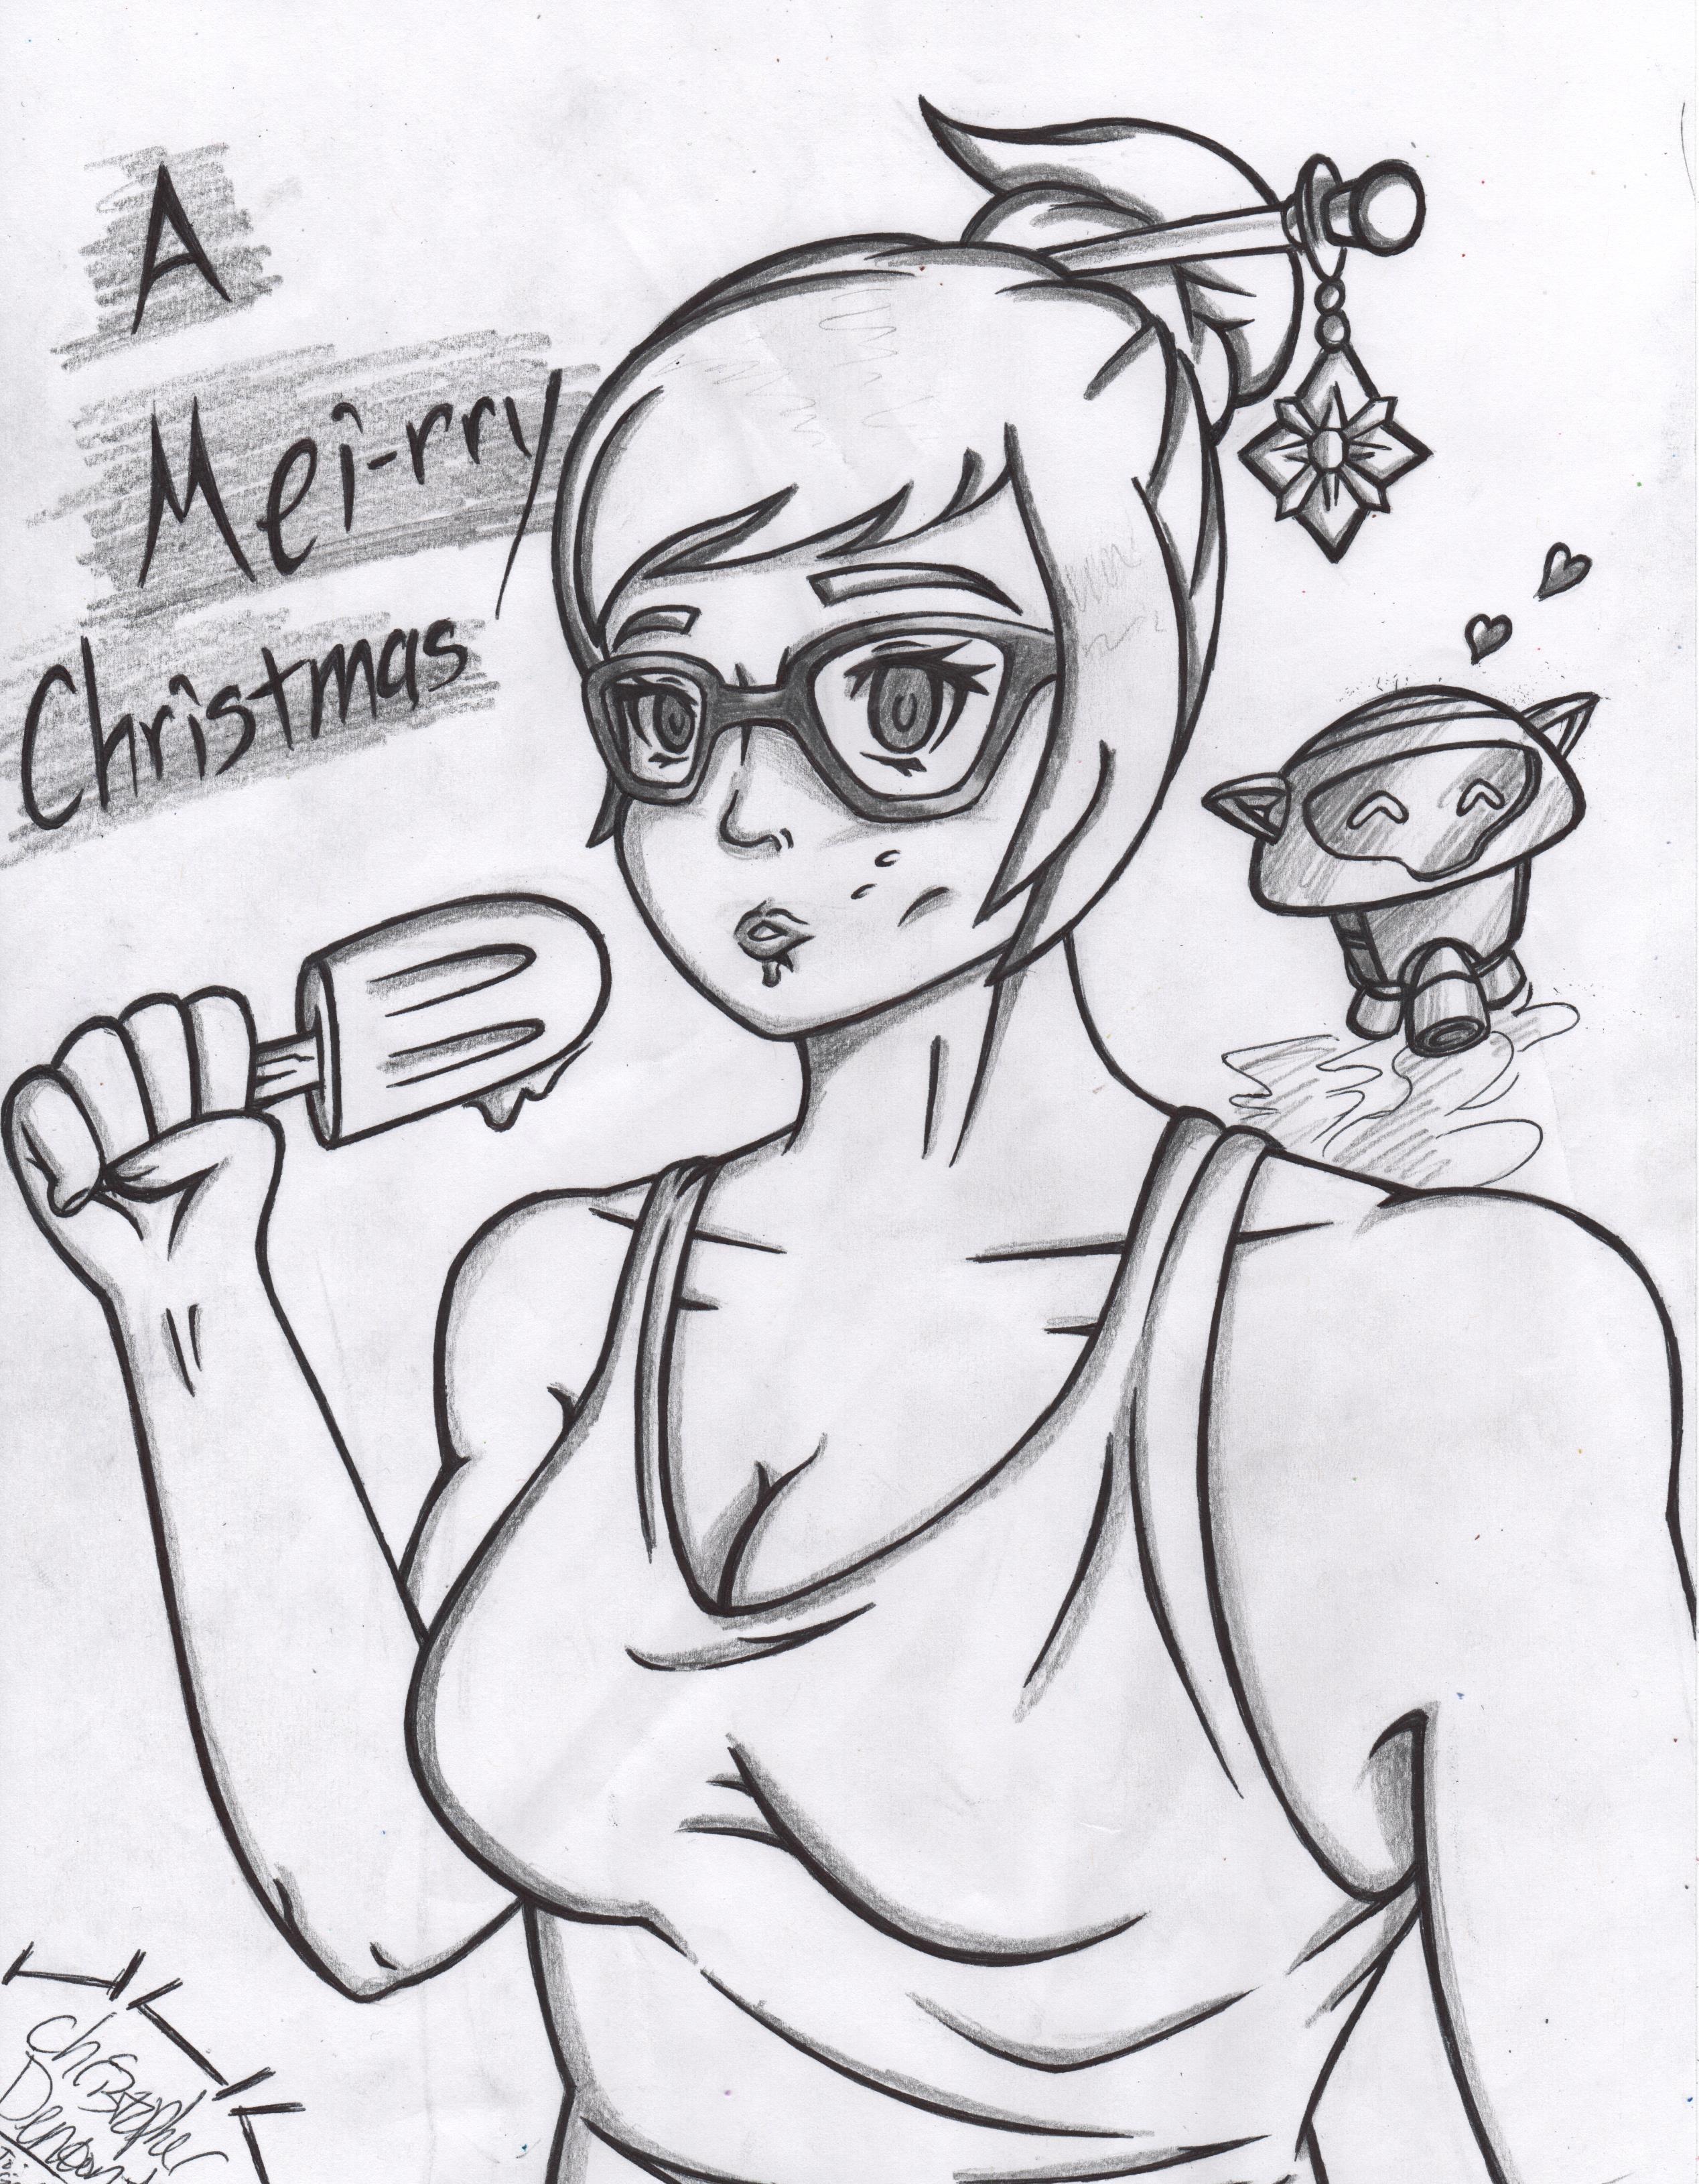 A Mei-rry Christmas